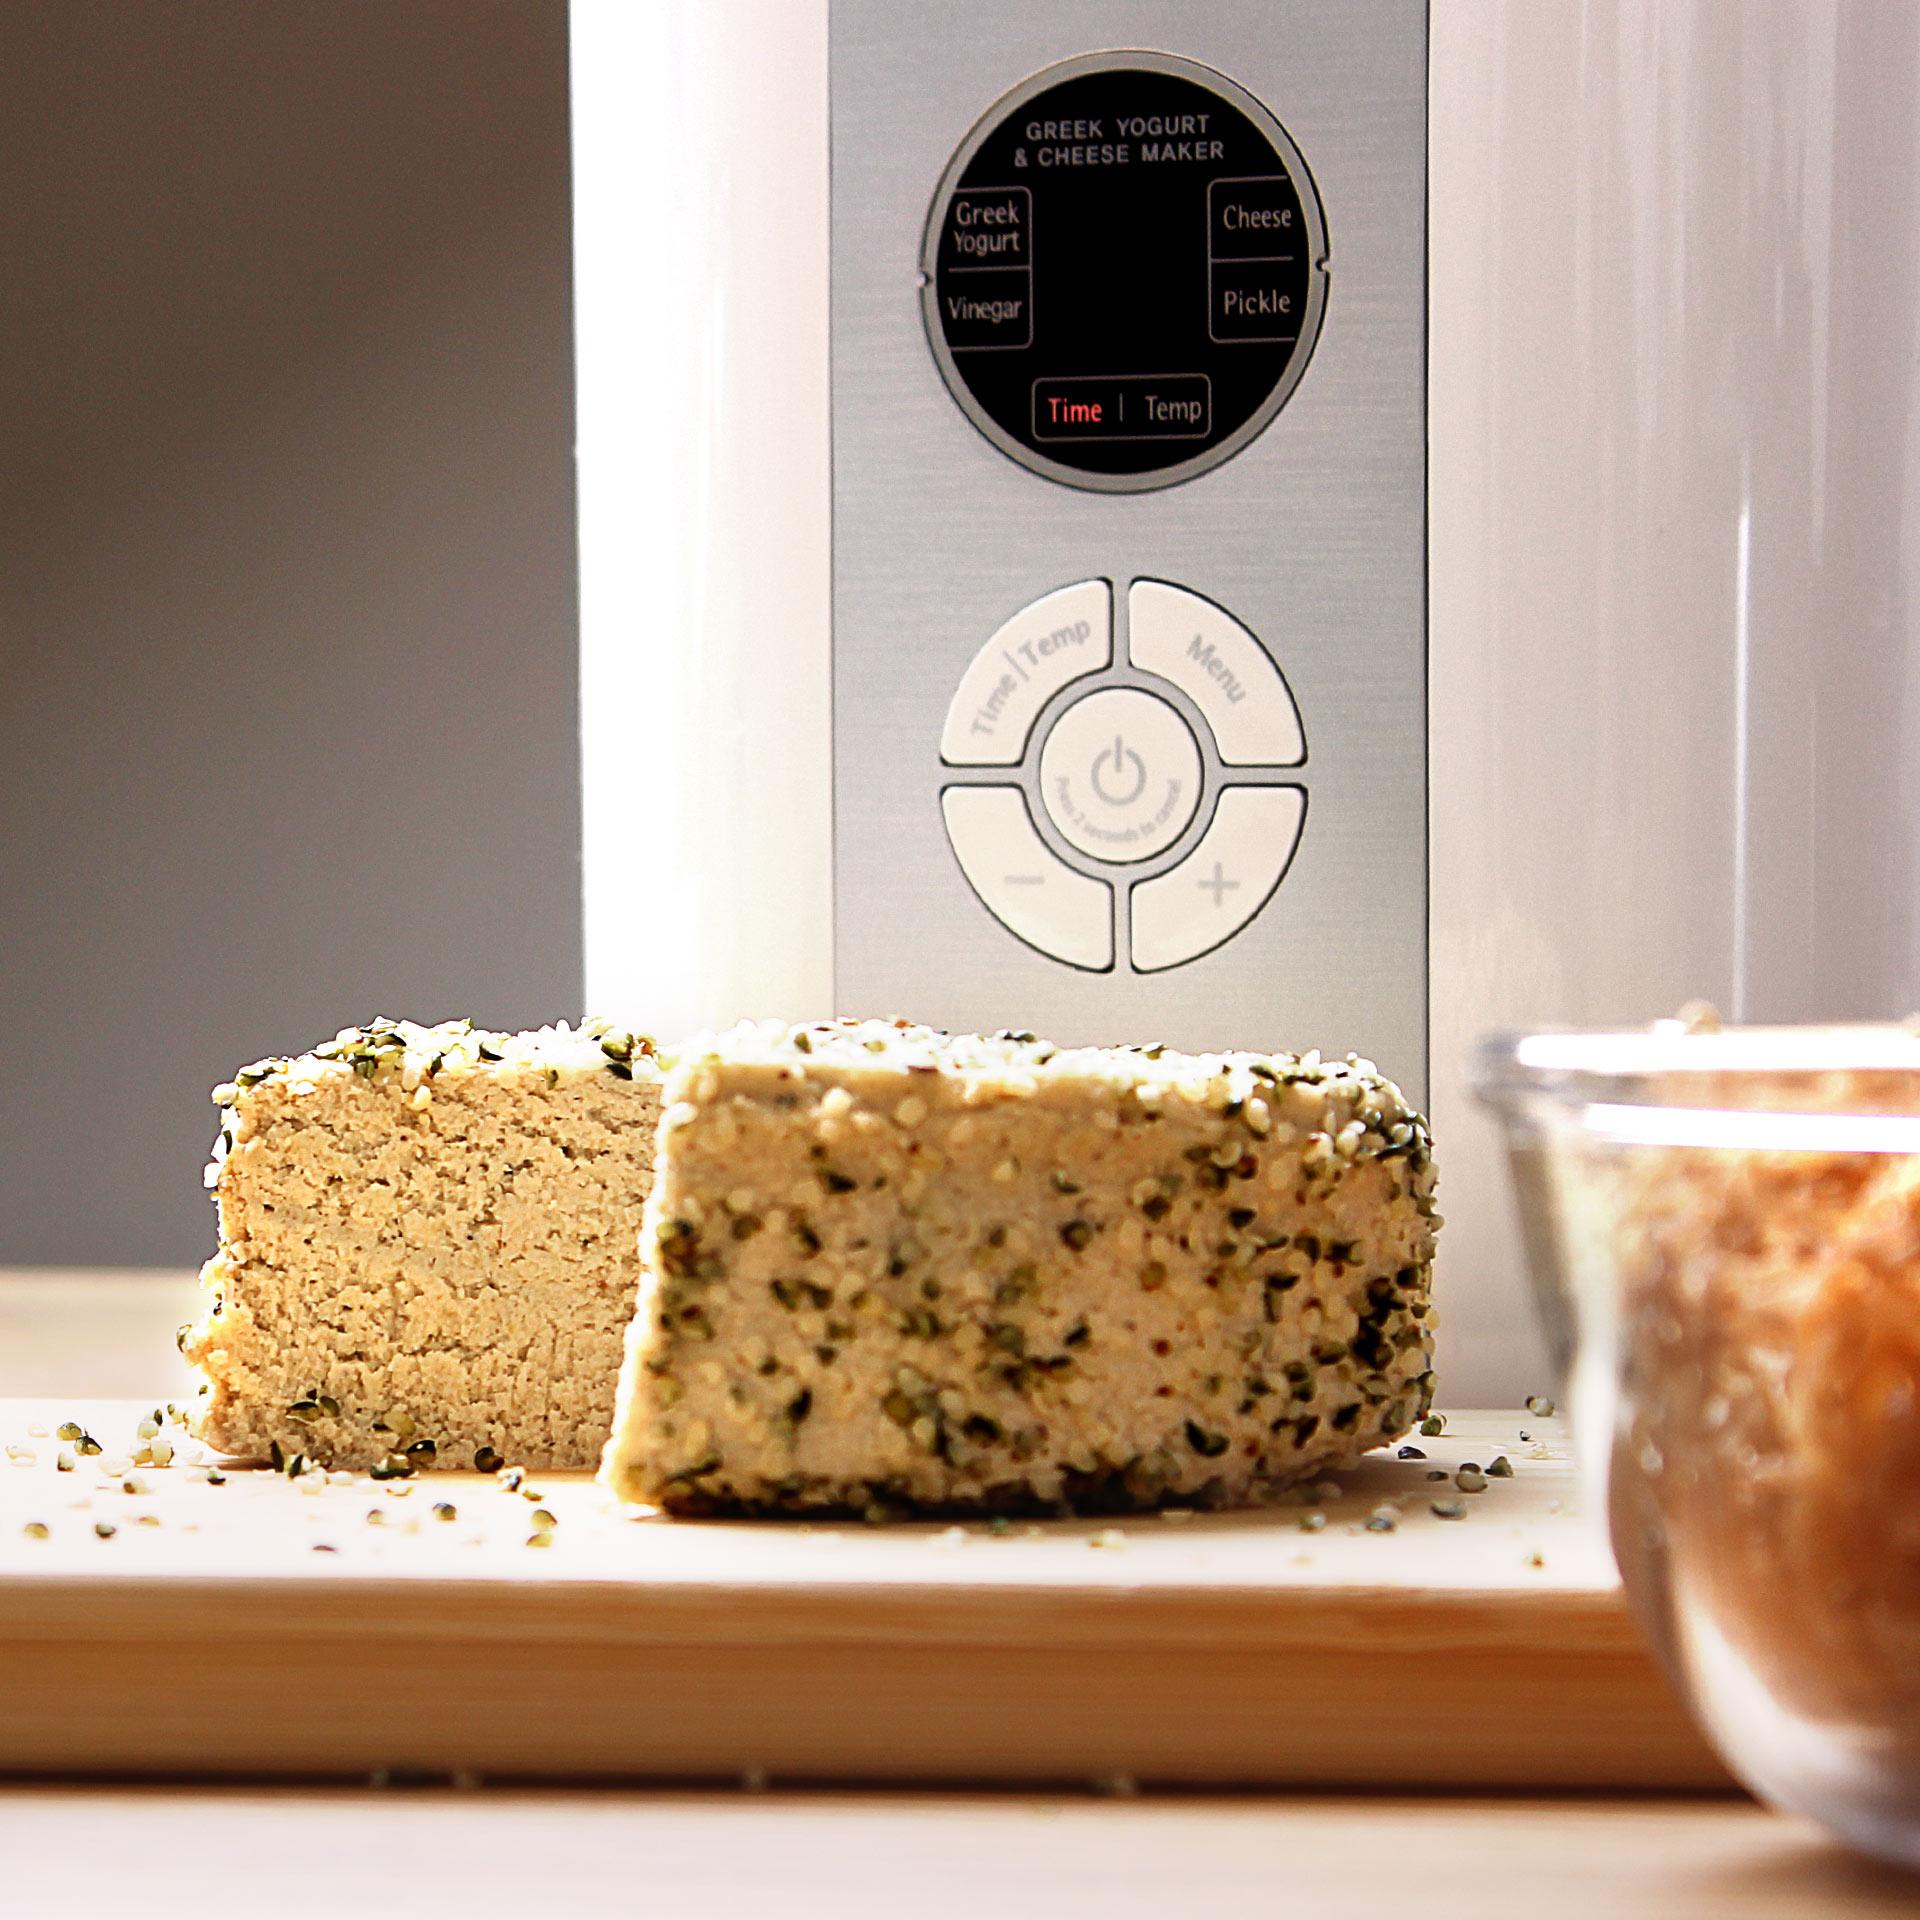 Kuvings Smart Fermenter mit Fermentiertem Produkt und Gerätefront im Hintergrund